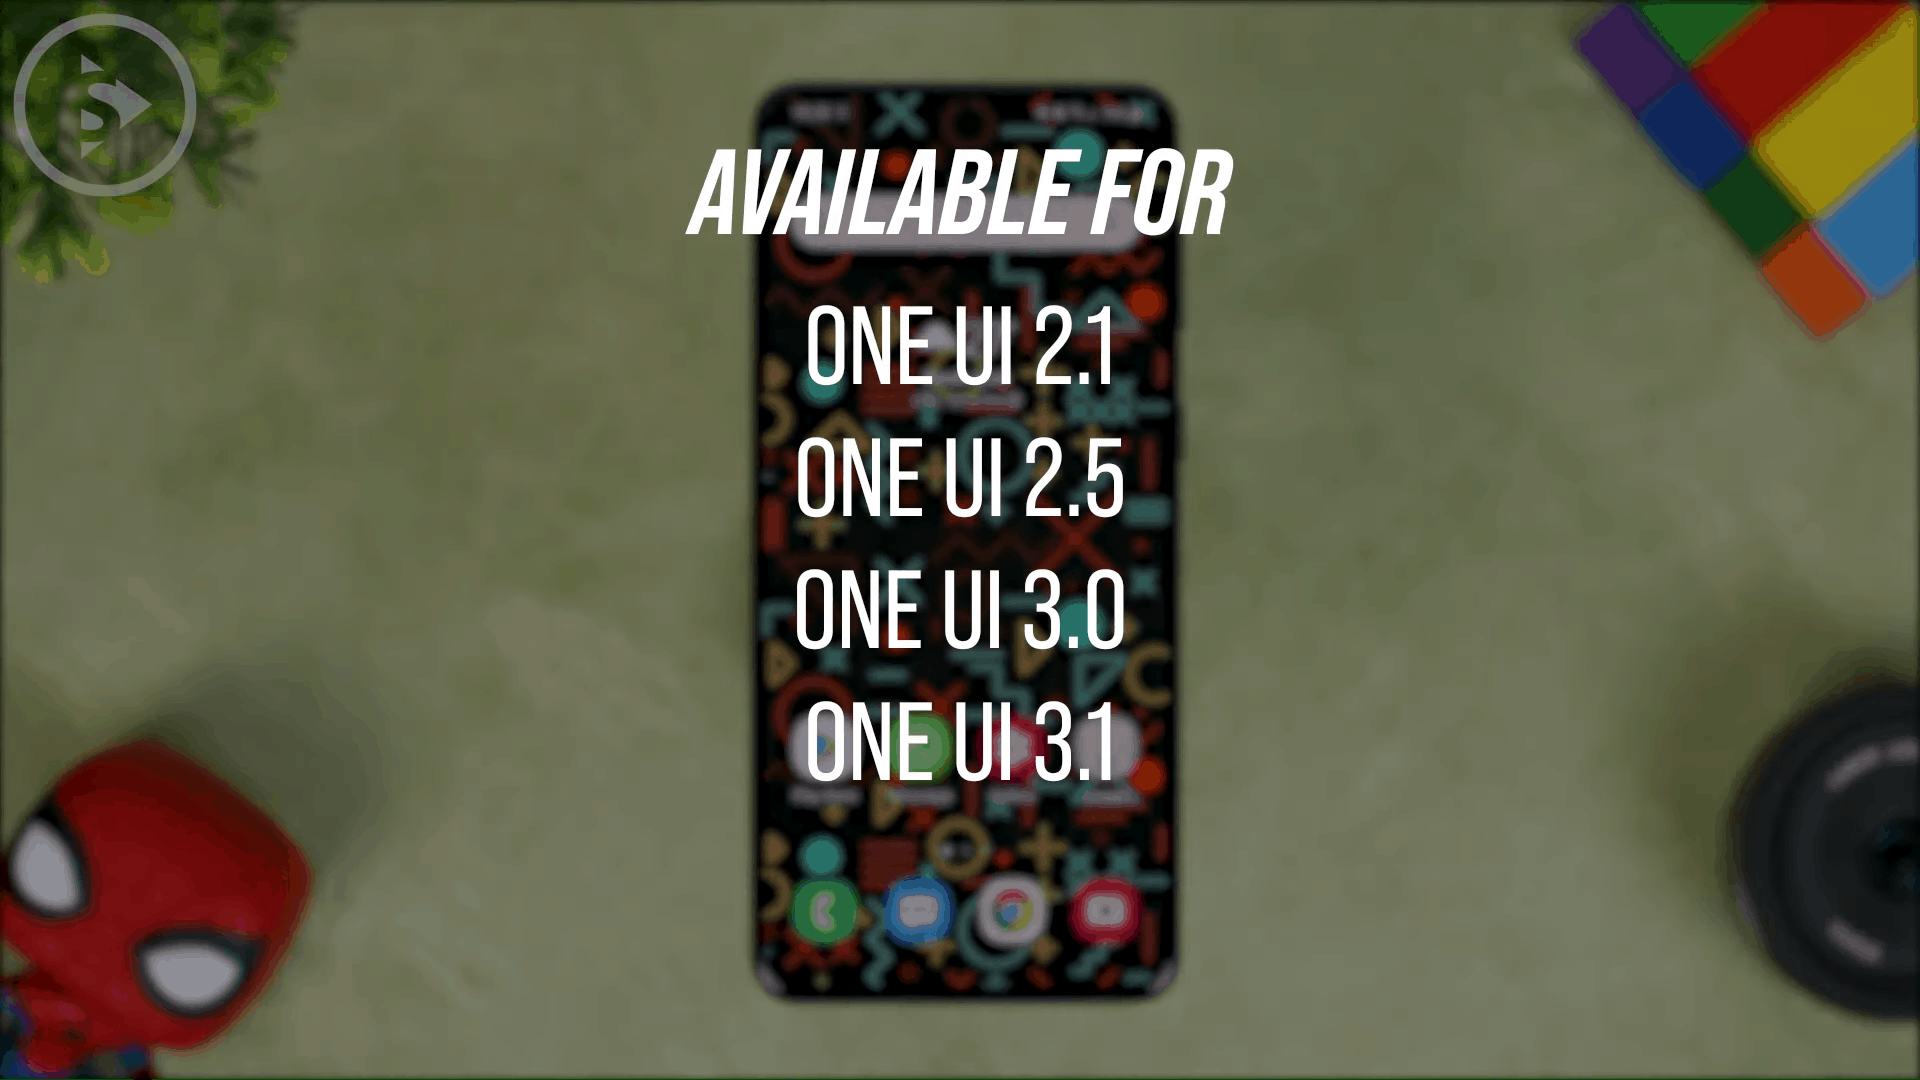 One UI 2.1, 2.5, 3.0 dan 3.1 - 4 Fitur Terbaru Untuk Edit Foto dan Video di Berbagai Versi One UI Tanpa Perlu Aplikasi Pihak Ketiga